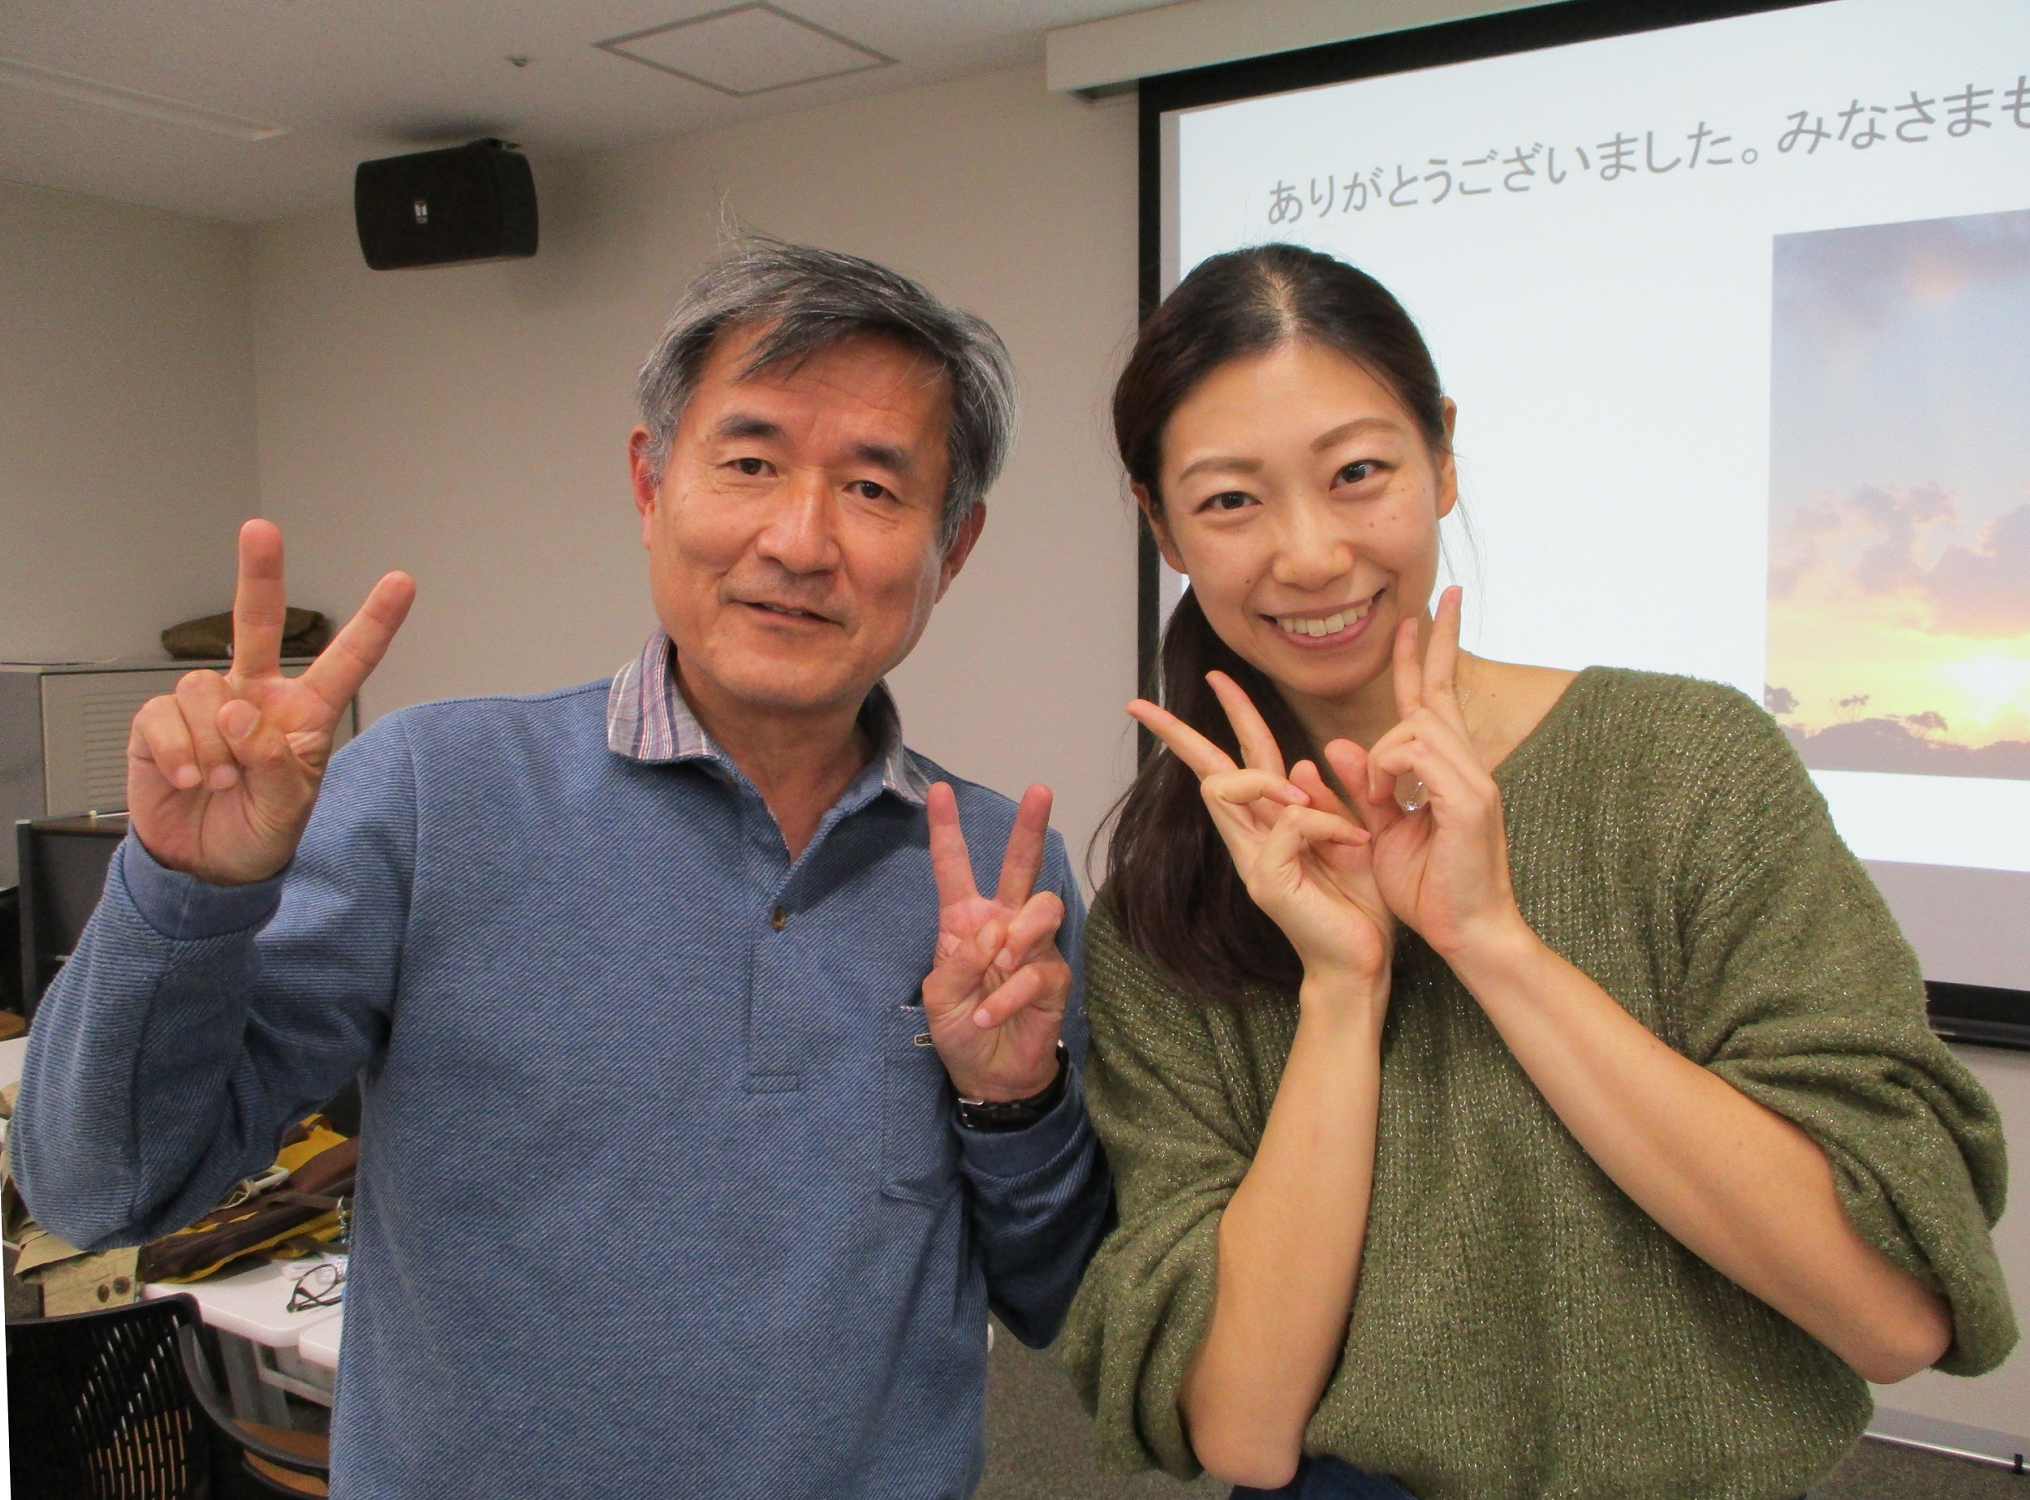 2018.12.1 (38縮小) 谷口礼子さんと記念さつえい 2030-1500